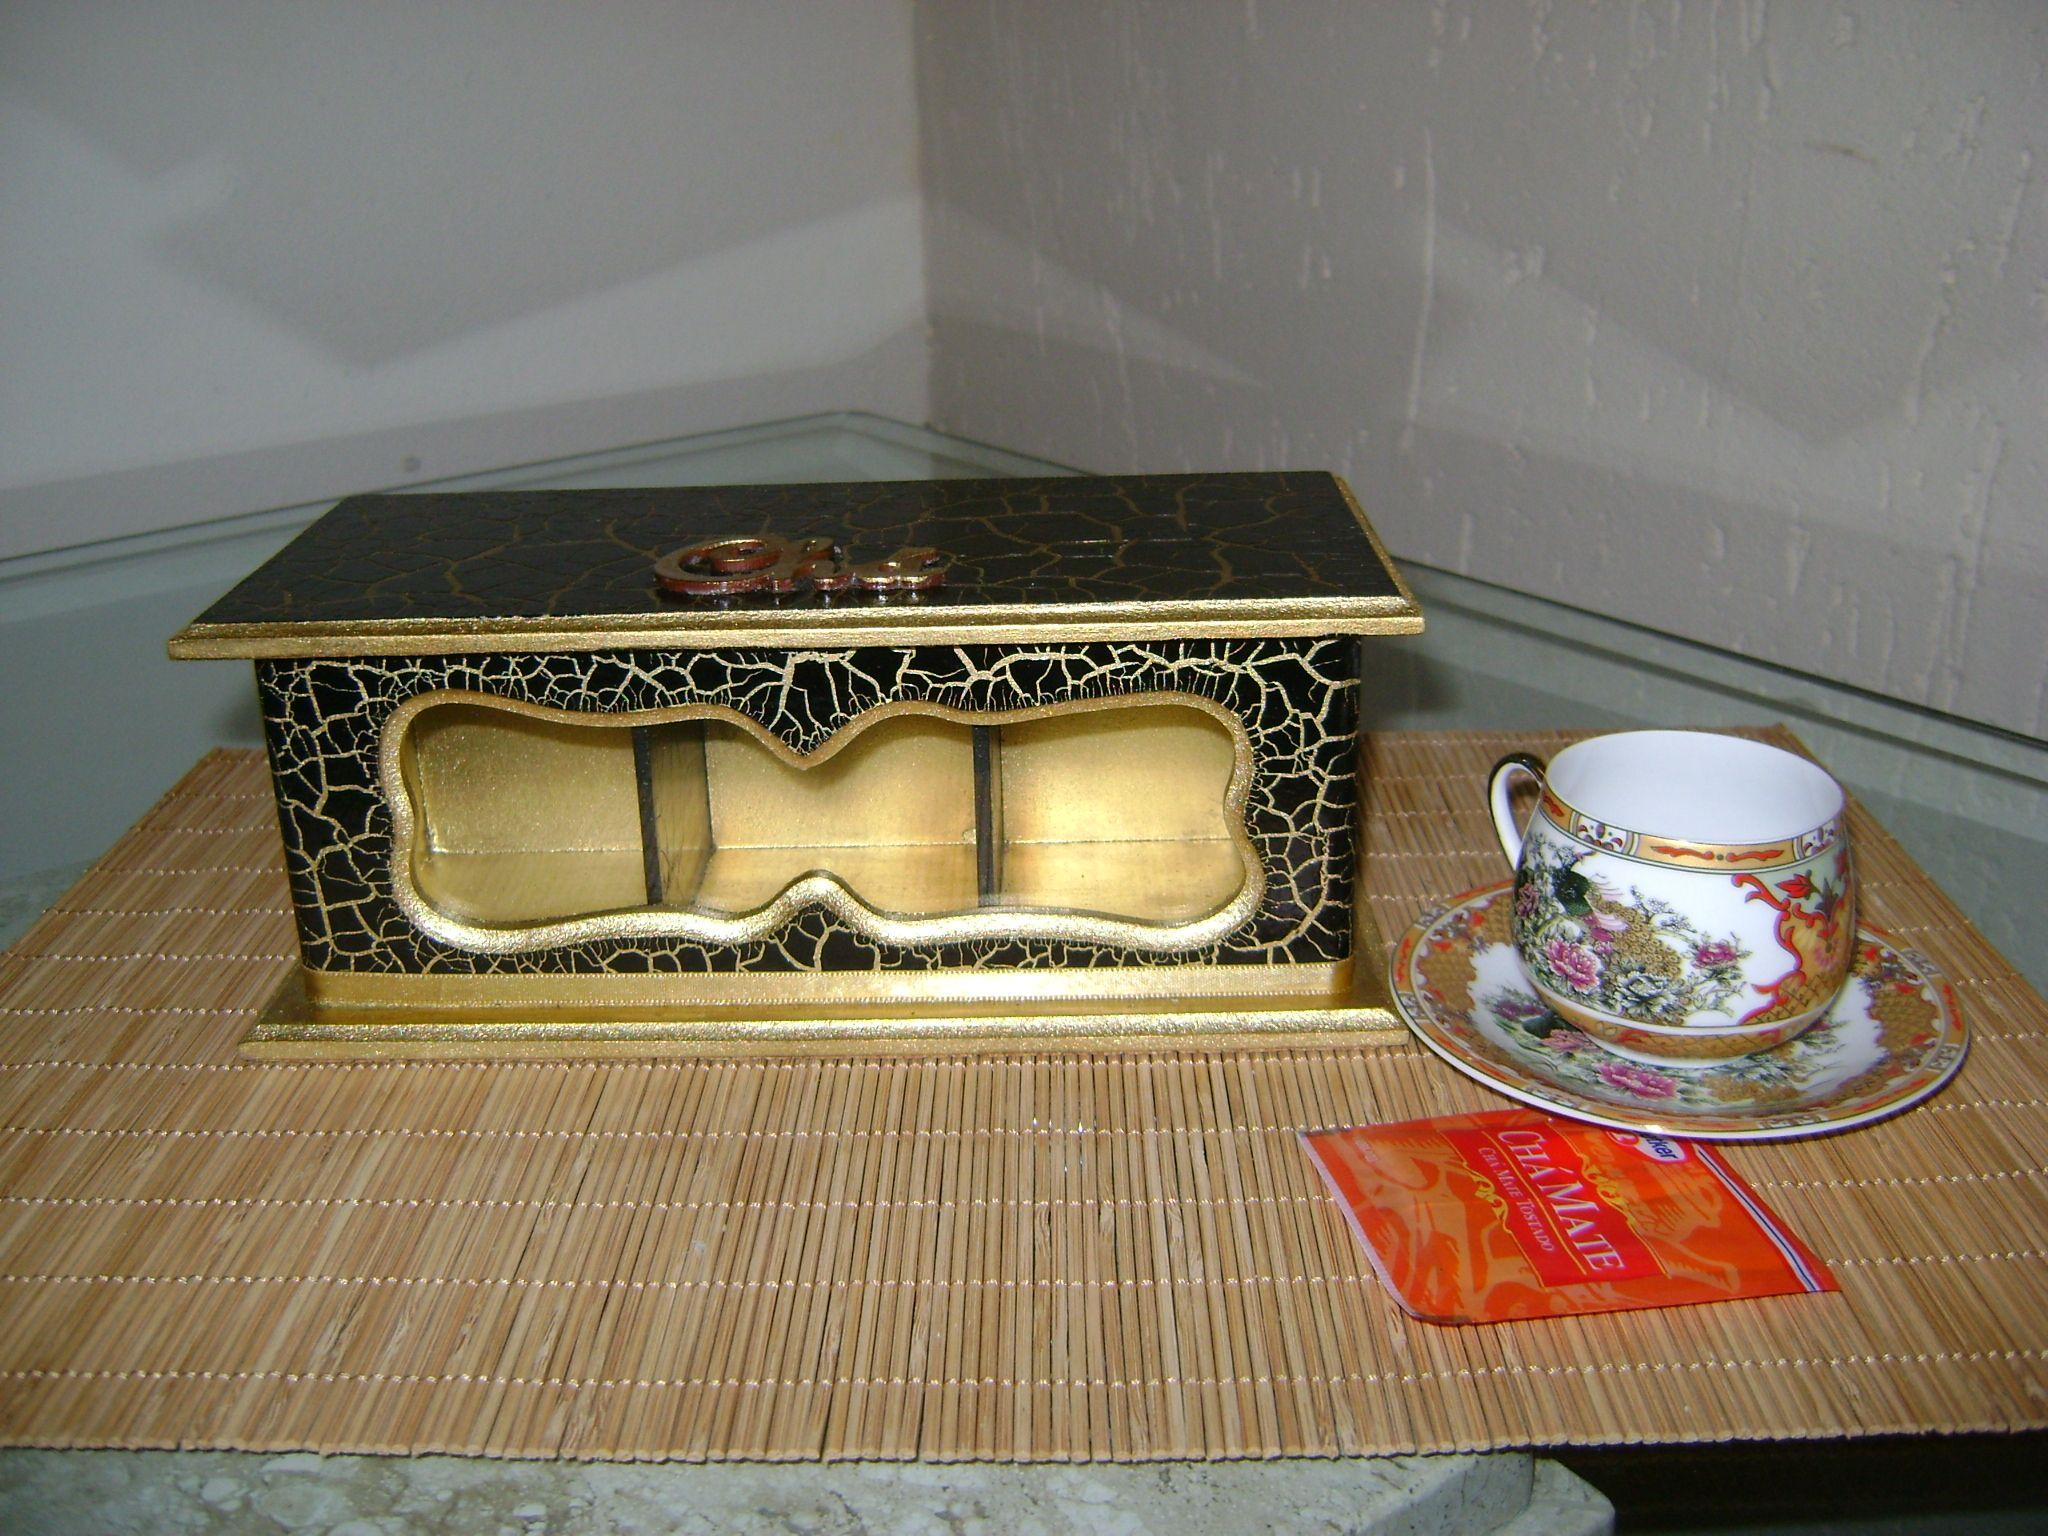 Porta chá preto e dourado.Que tal reunir umas amigas para um chá da tarde?